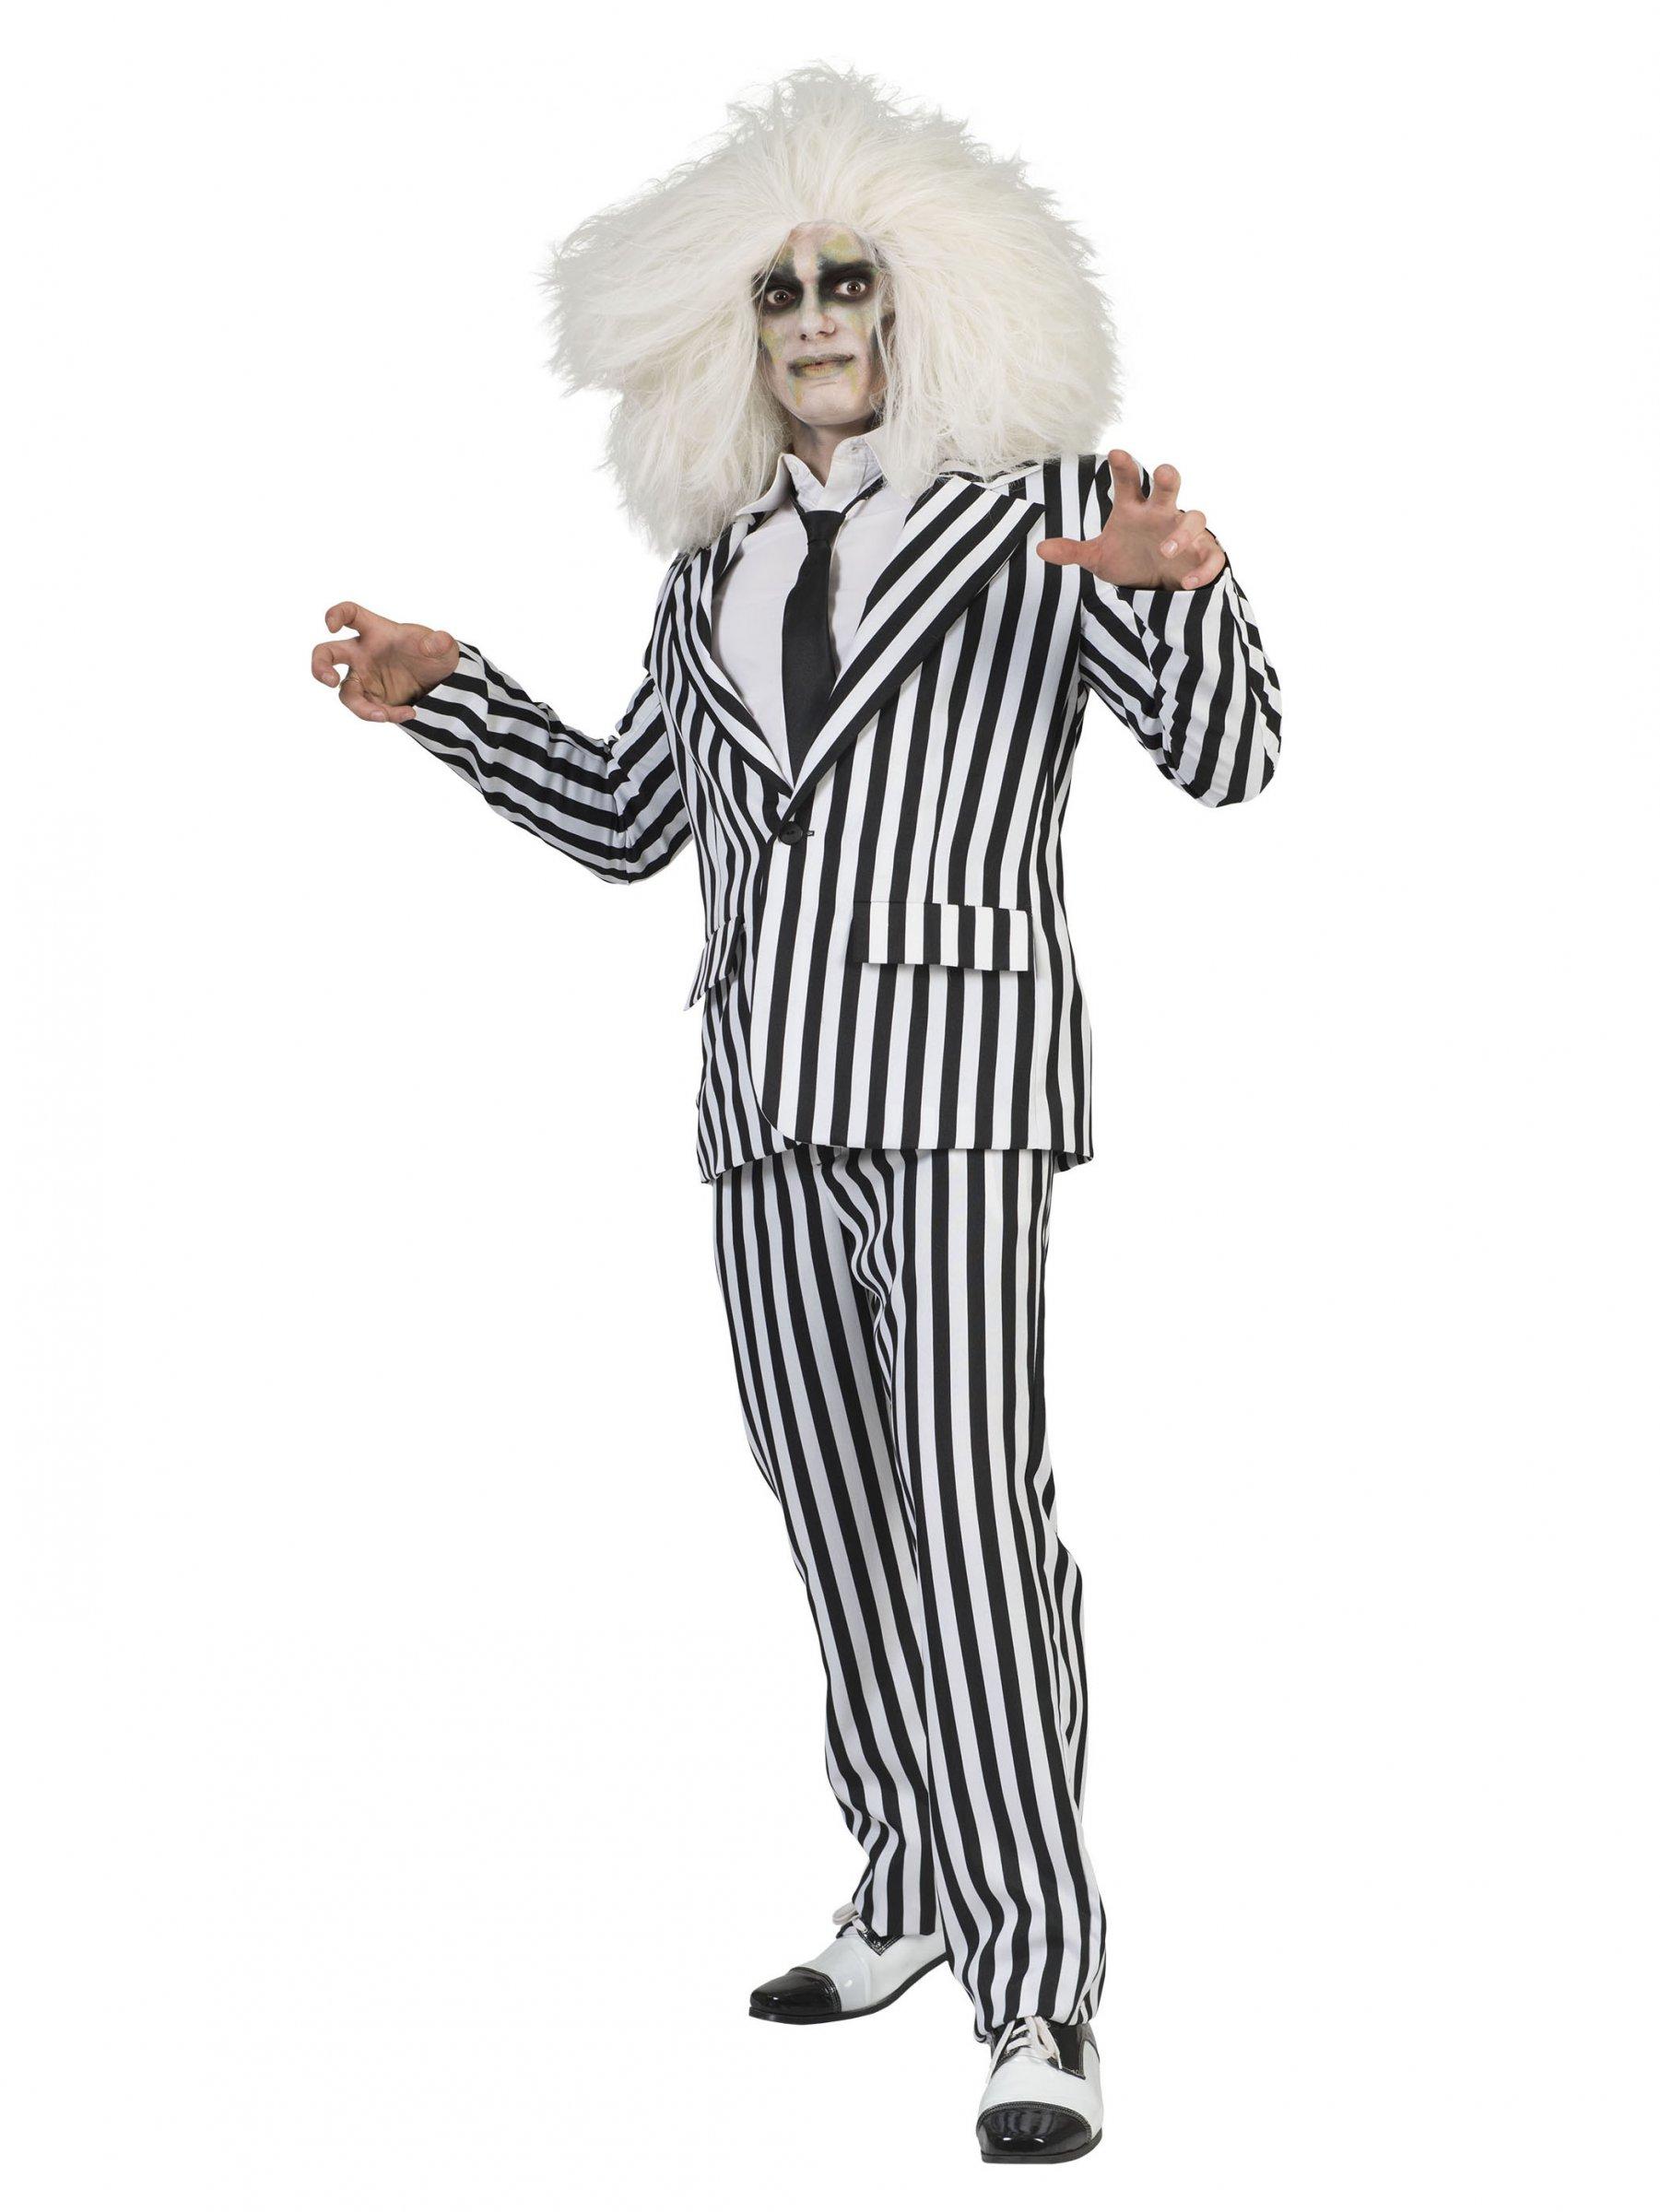 san francisco fe71f de836 Abito classico da uomo a righe bianche e nere: Costumi ...